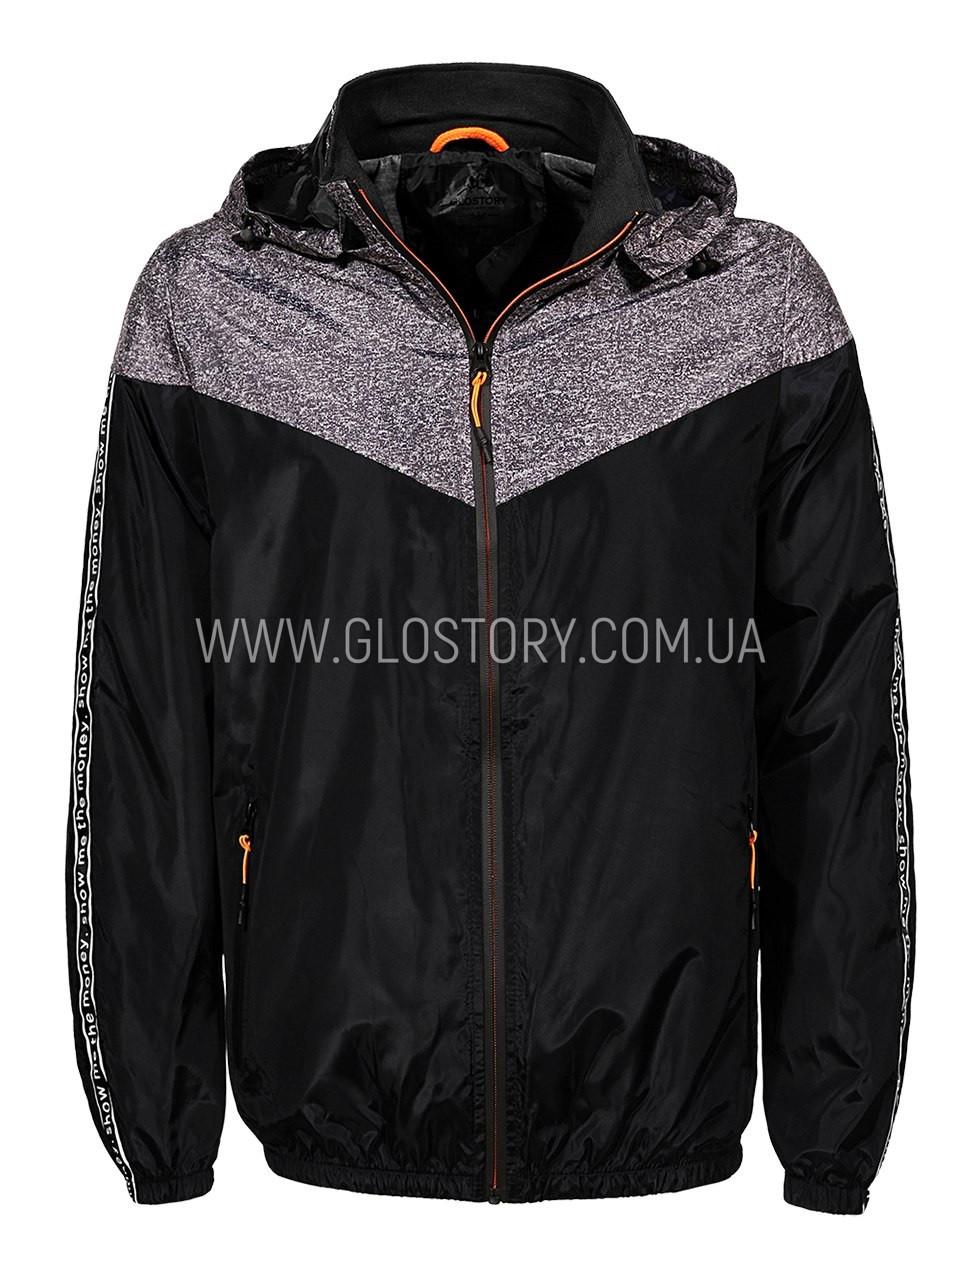 Мужская куртка GLO-Story,Венгрия